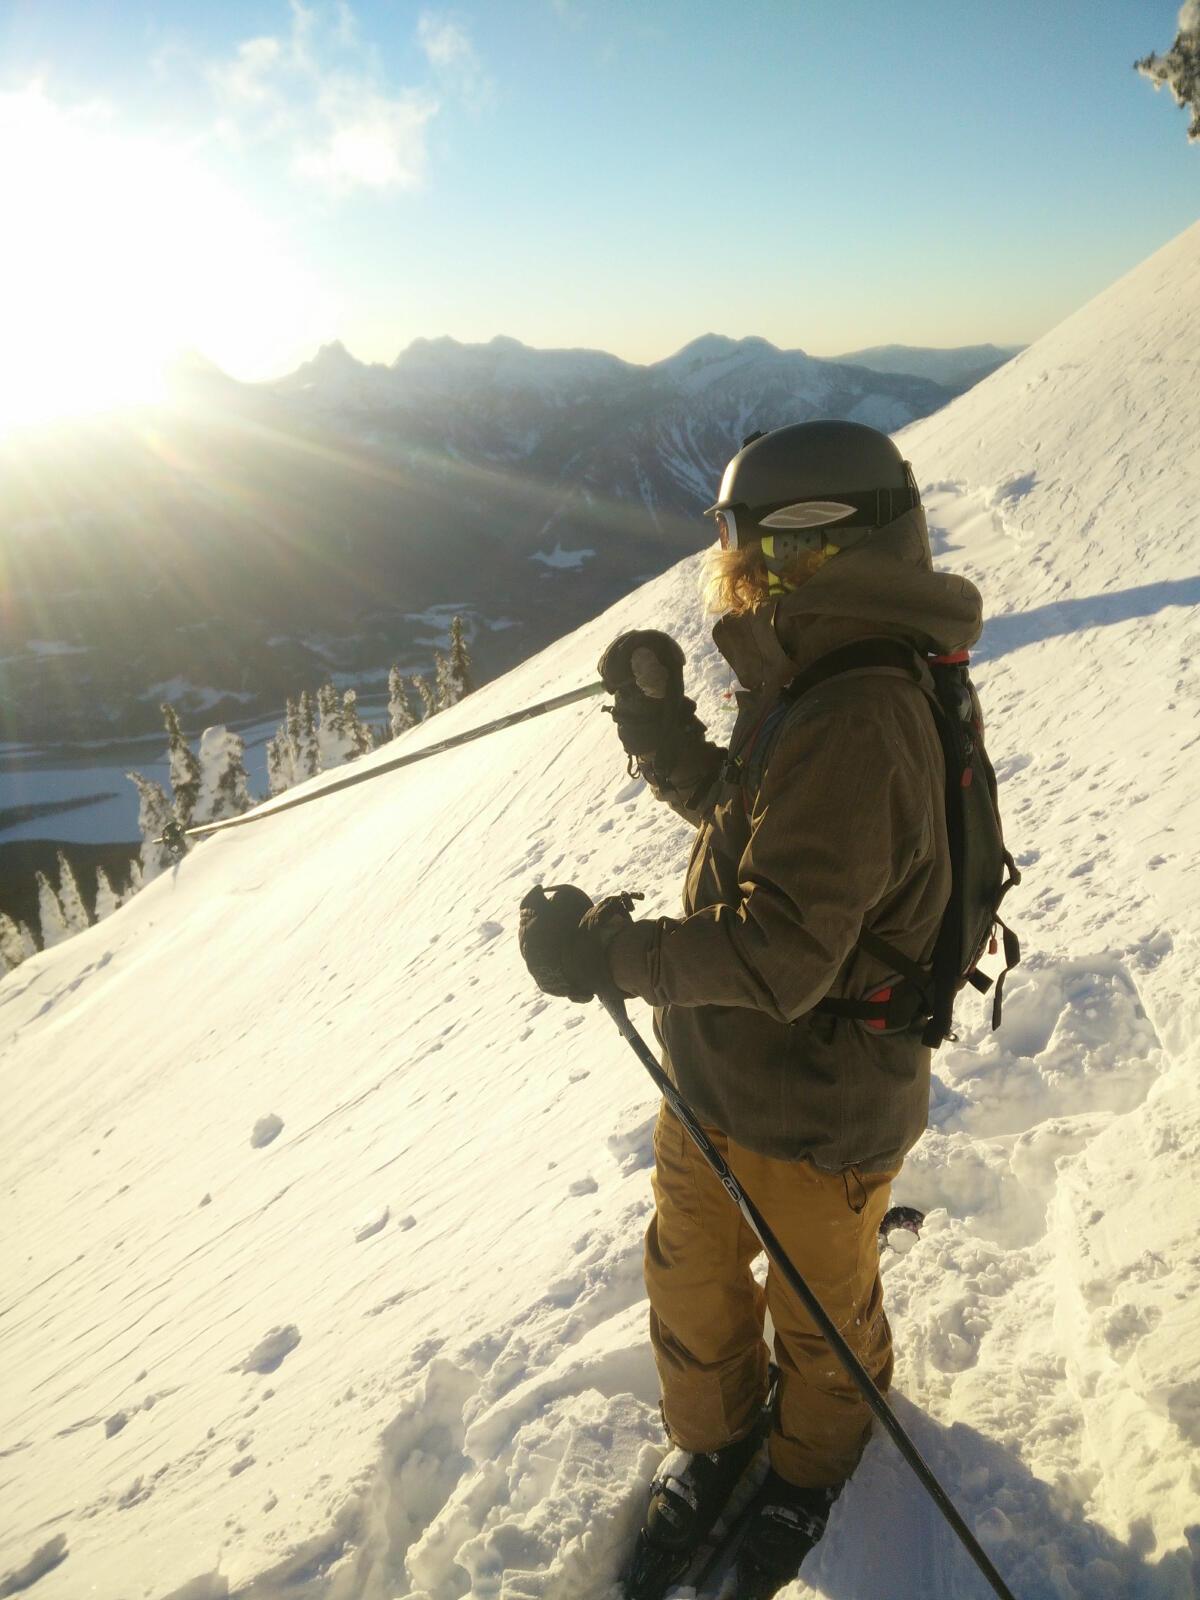 Skiing in Revelstoke, BC